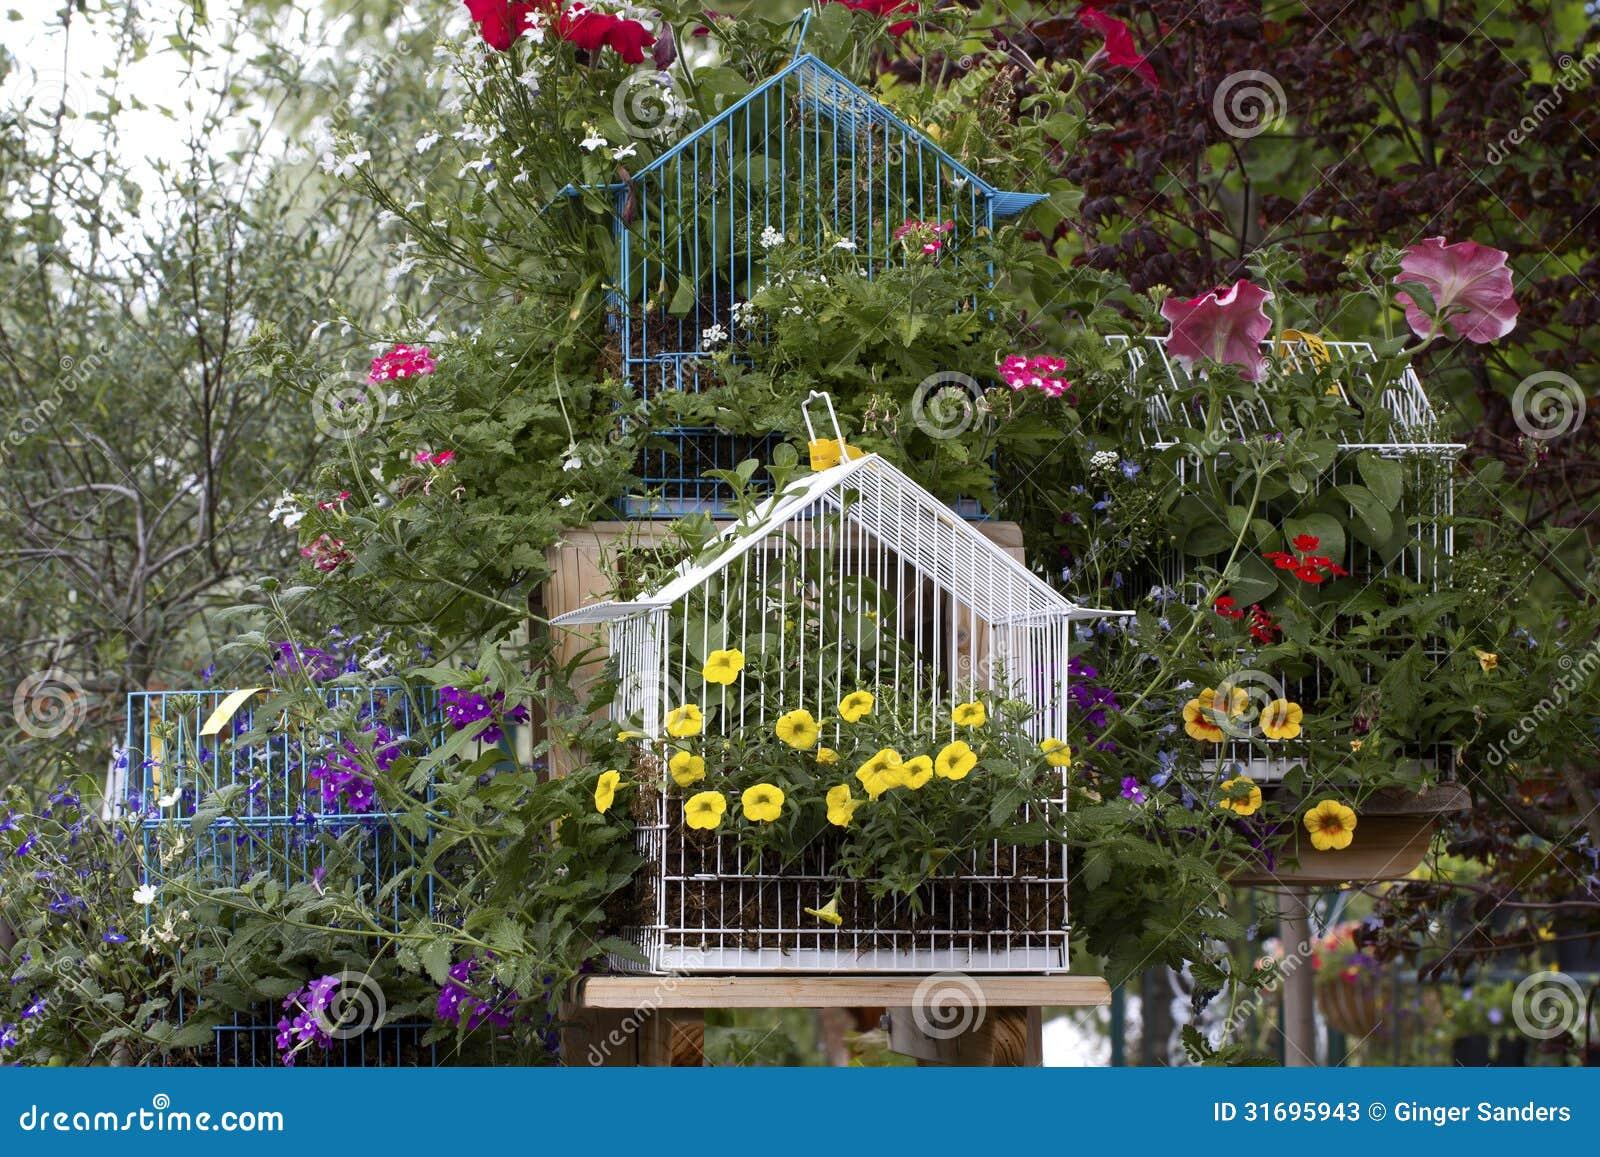 molti ornamenti luminosi del giardino della gabbia per